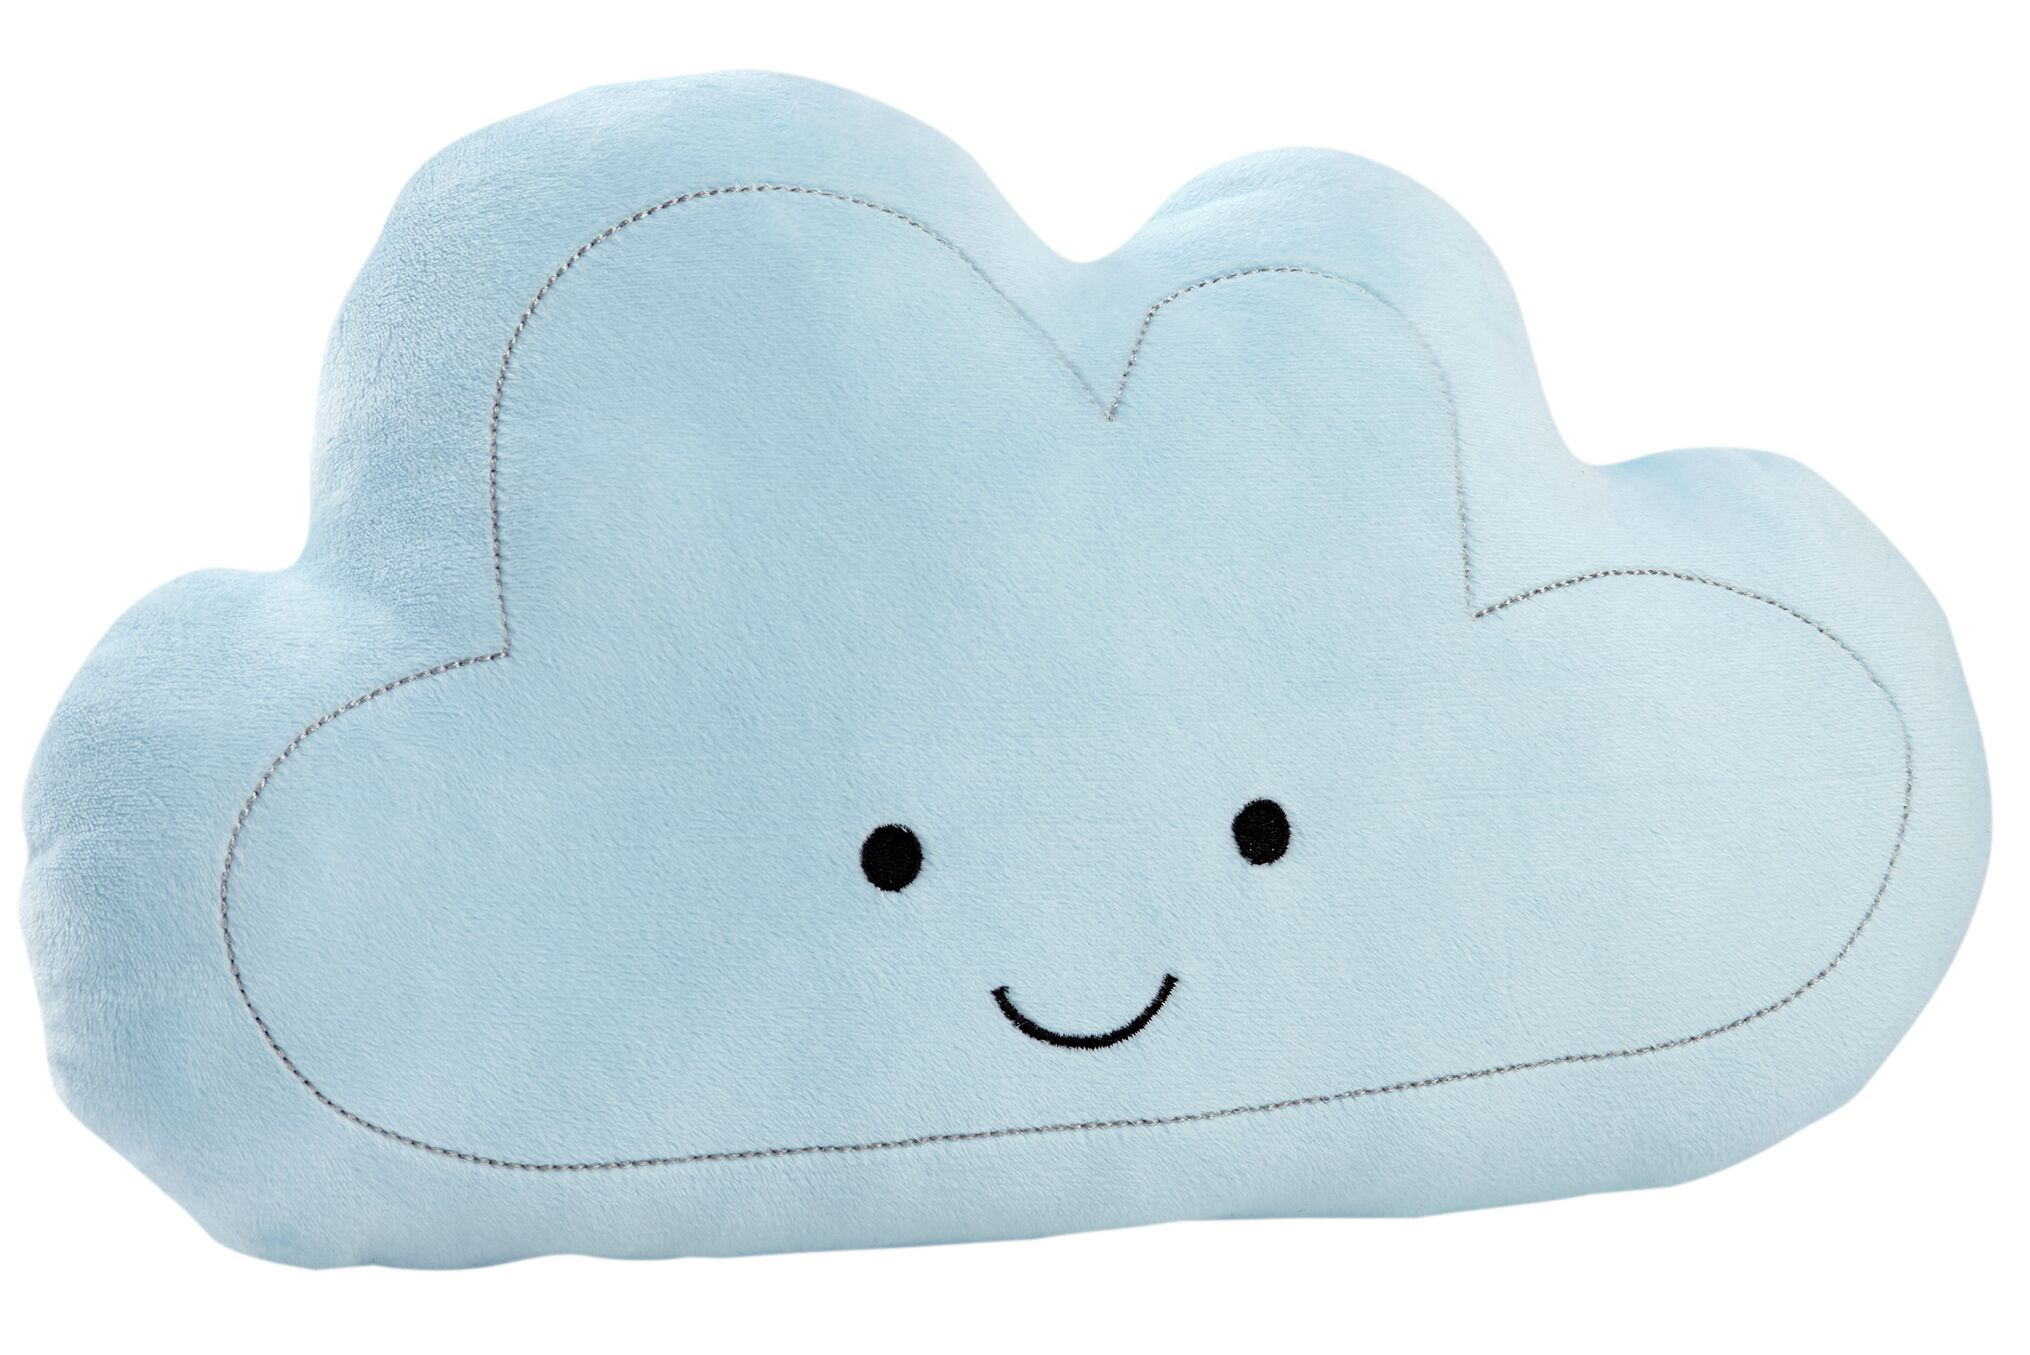 Happy Little Clouds Plush Pillow